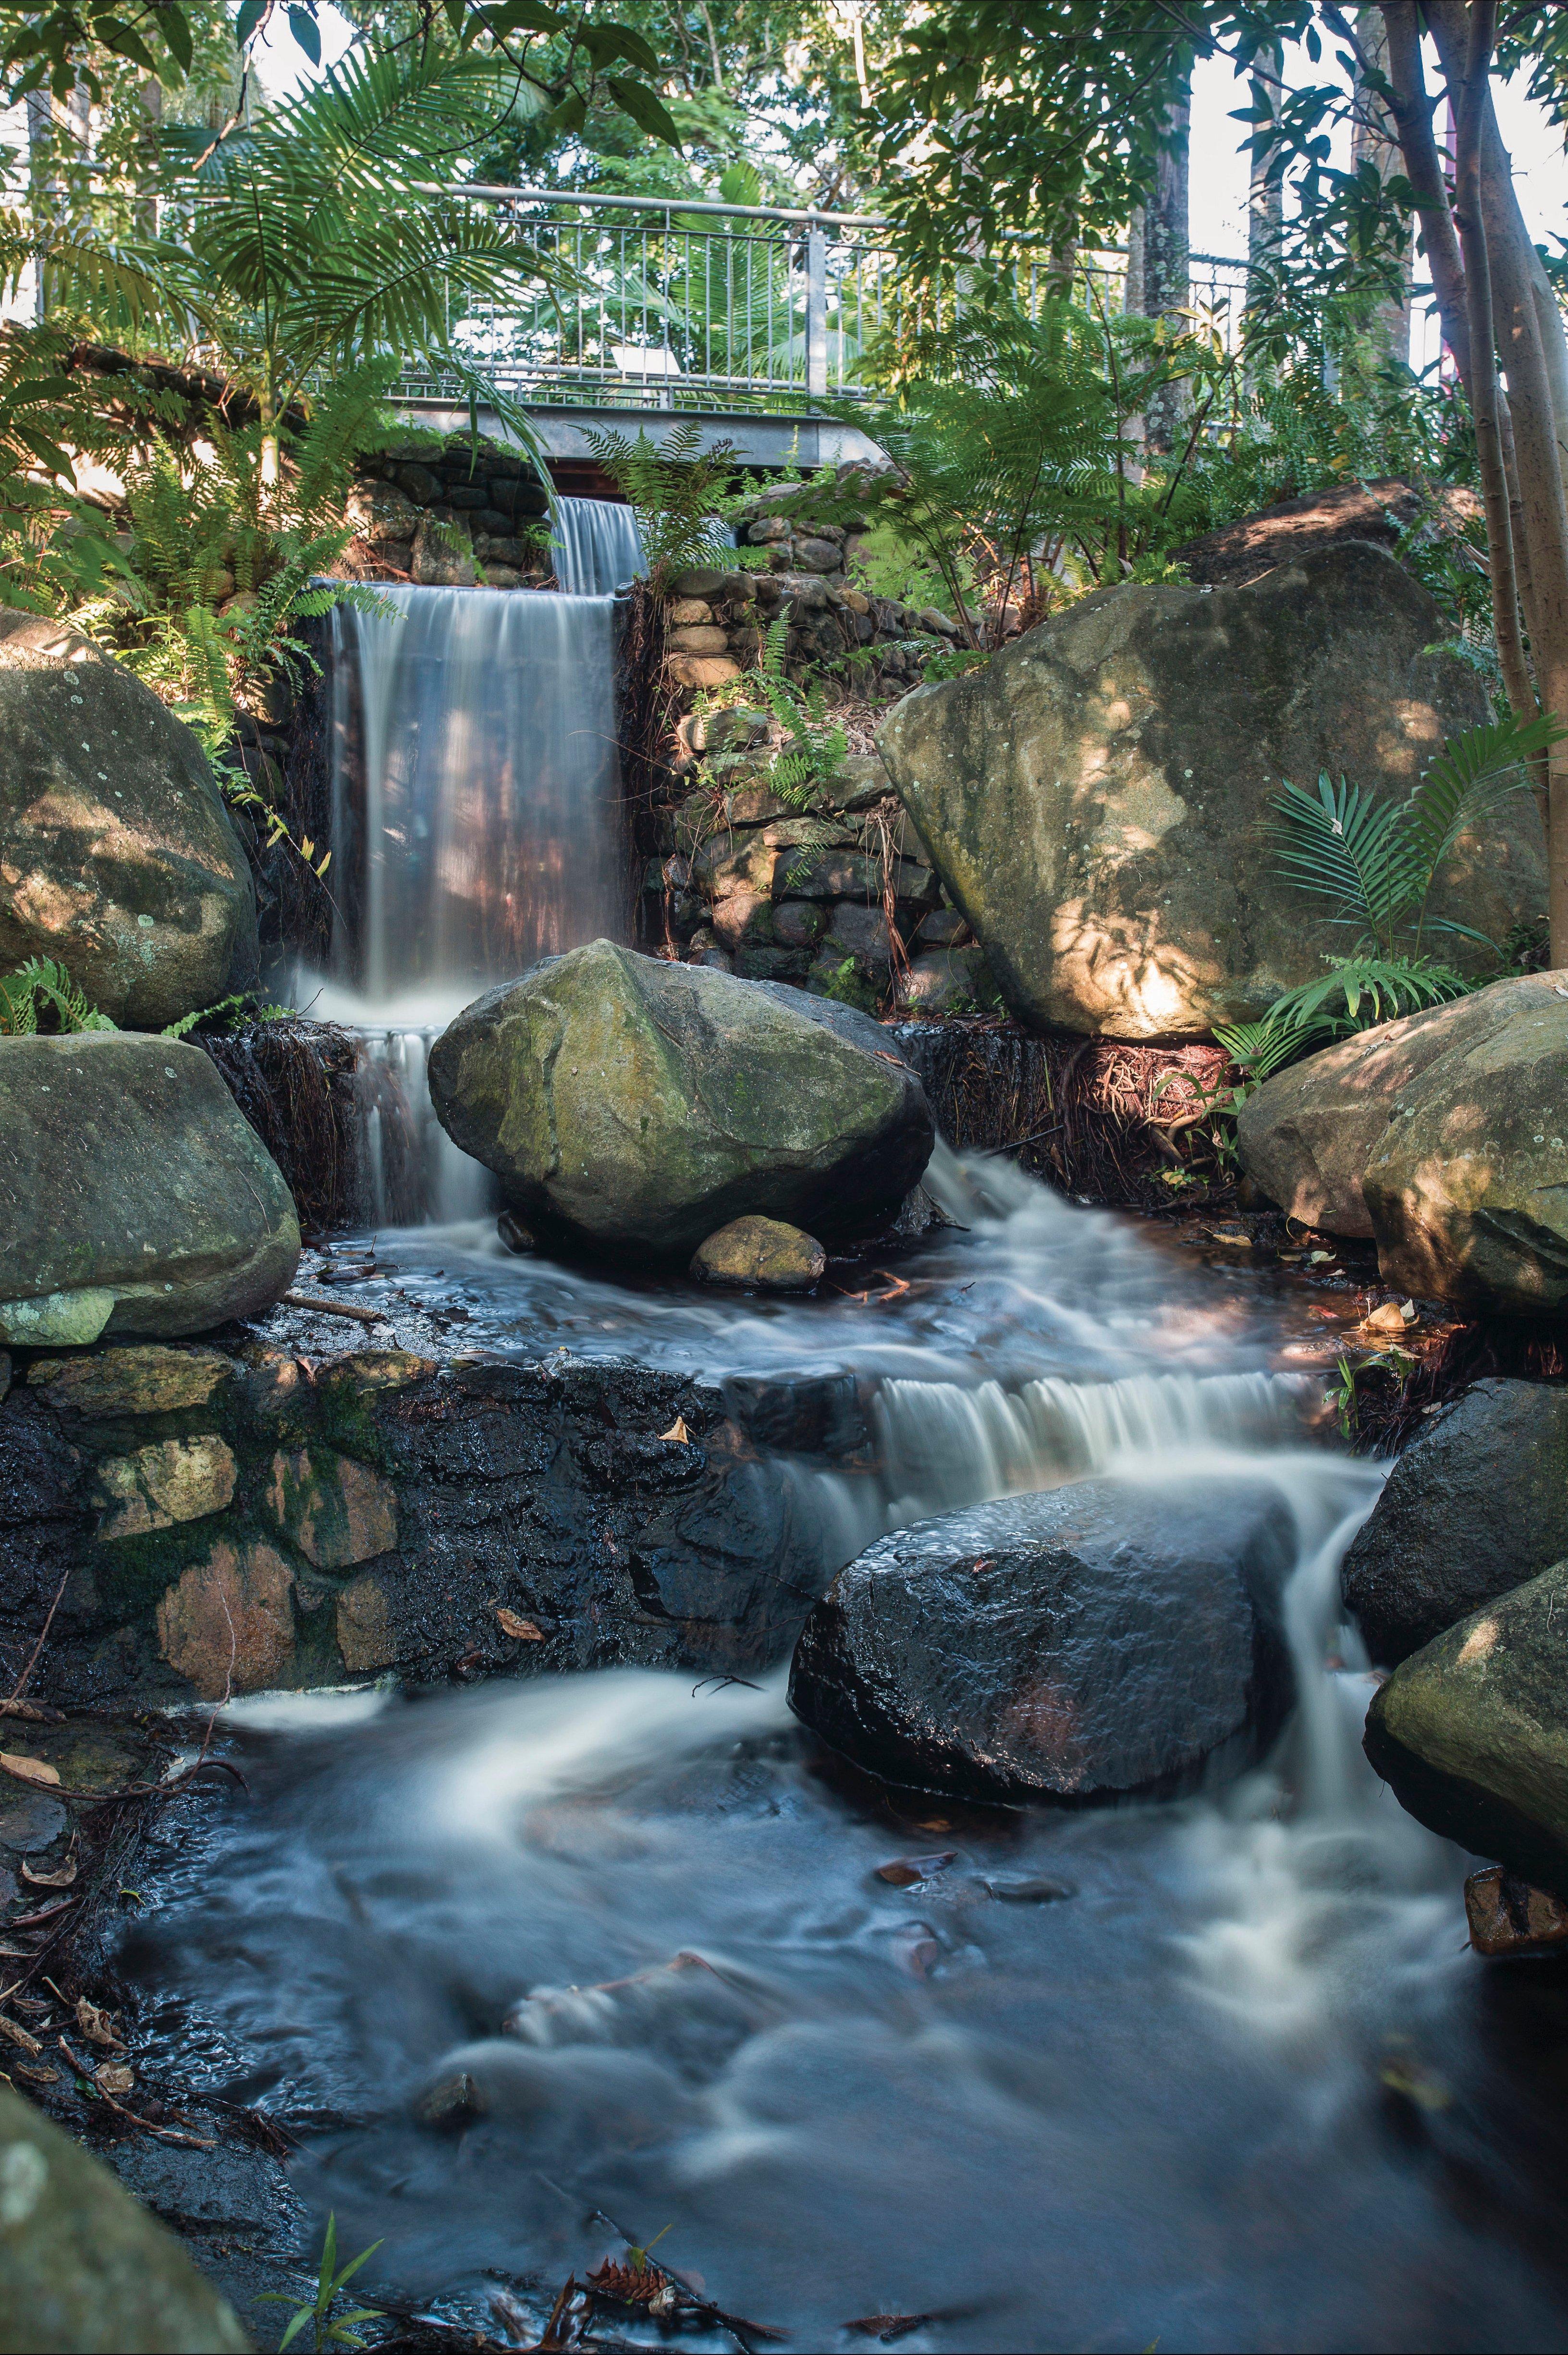 Waterfall in the Mackay Botanic Gardens